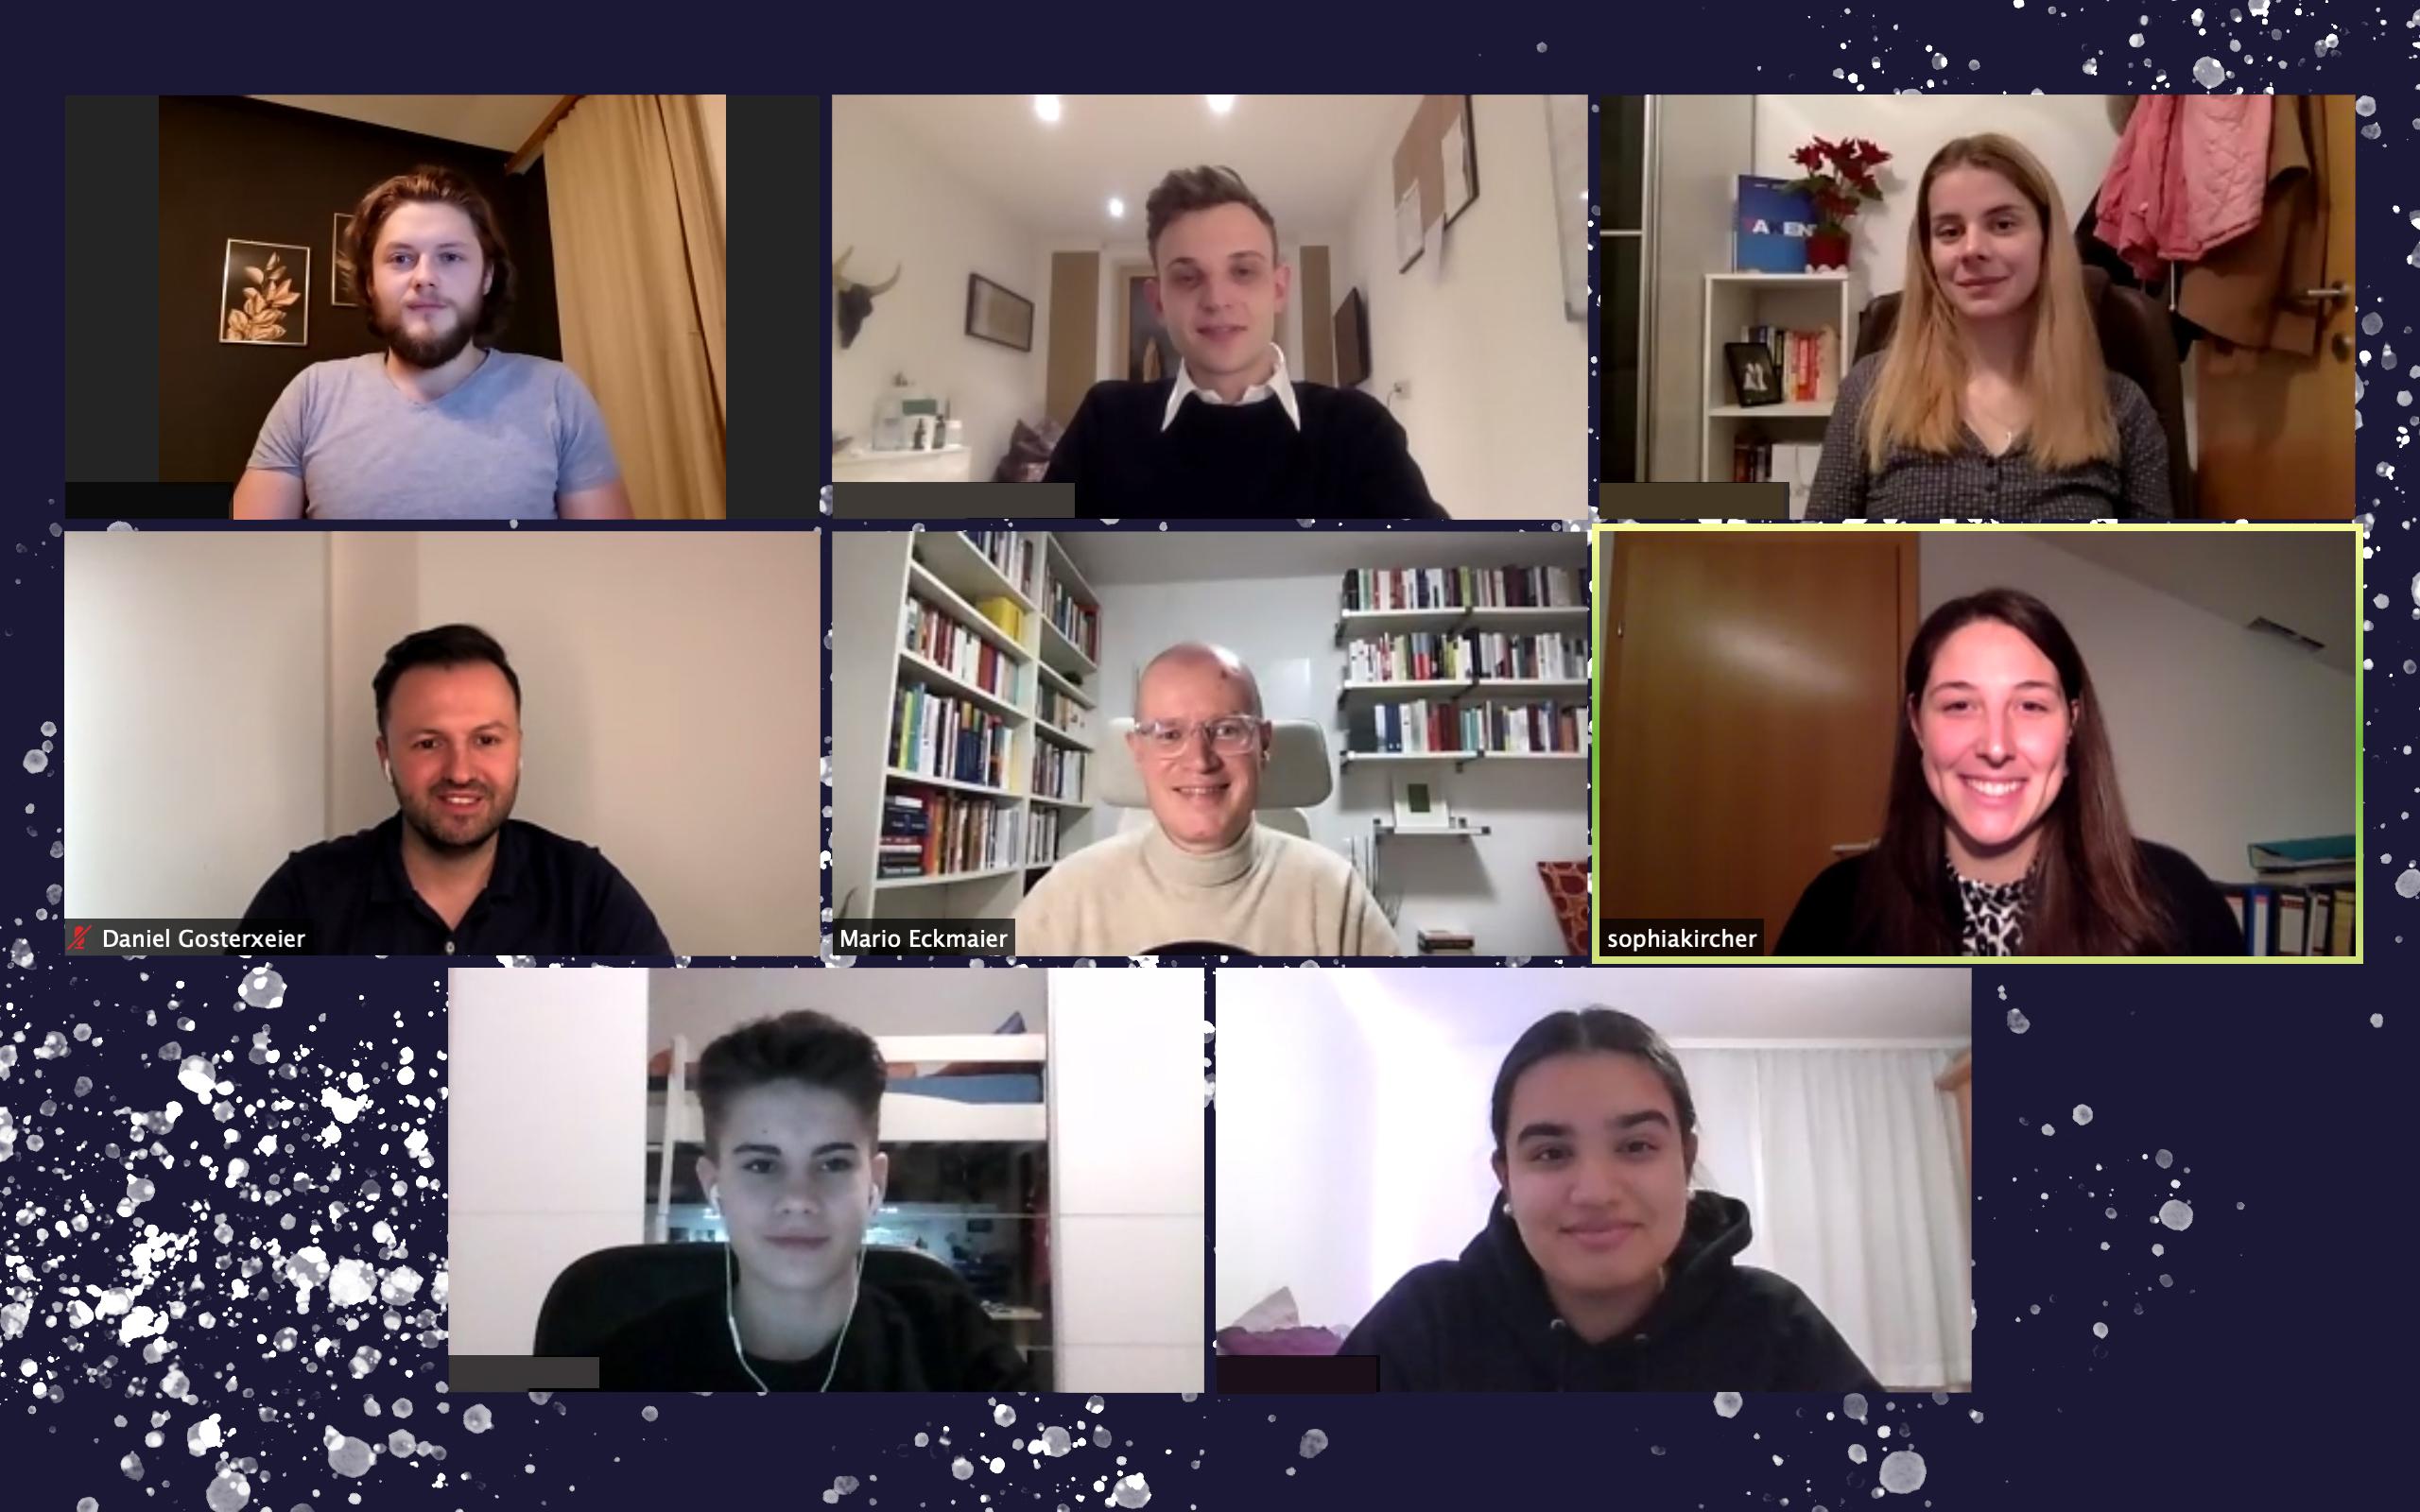 DIGI+Talk - Digitalisierung in der Bildung